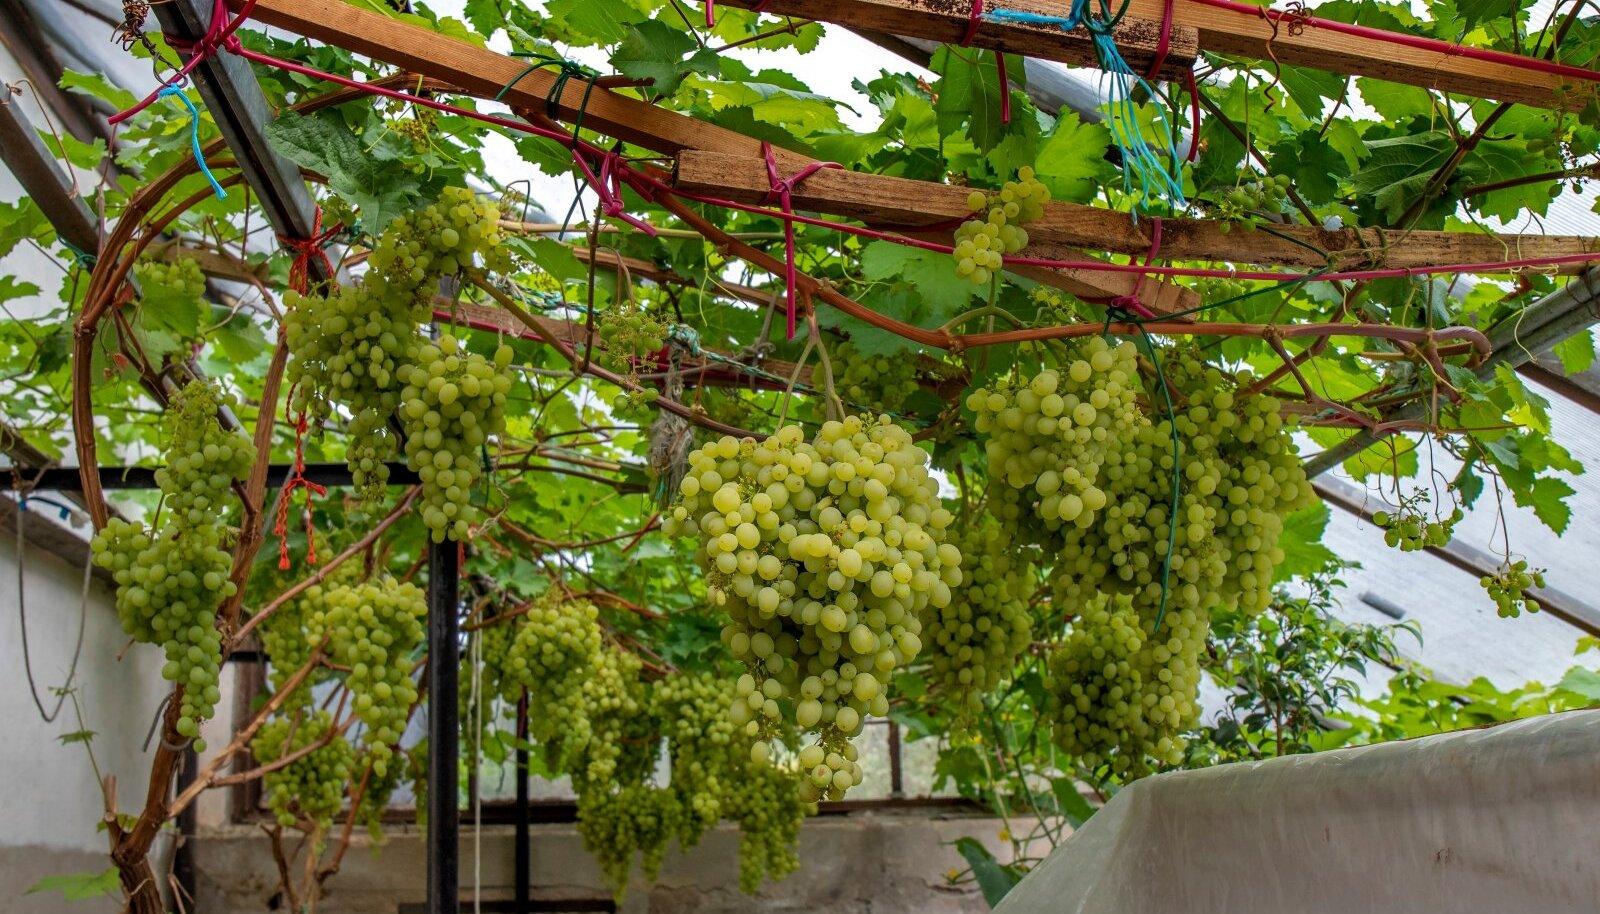 Sobivas kohas kasvav ning õigesti hooldatud viinapuu võib anda suurt saaki. Seedri puukooolis kasvava viinapuu kobarad kaaluvad kuni 2,4 kg.